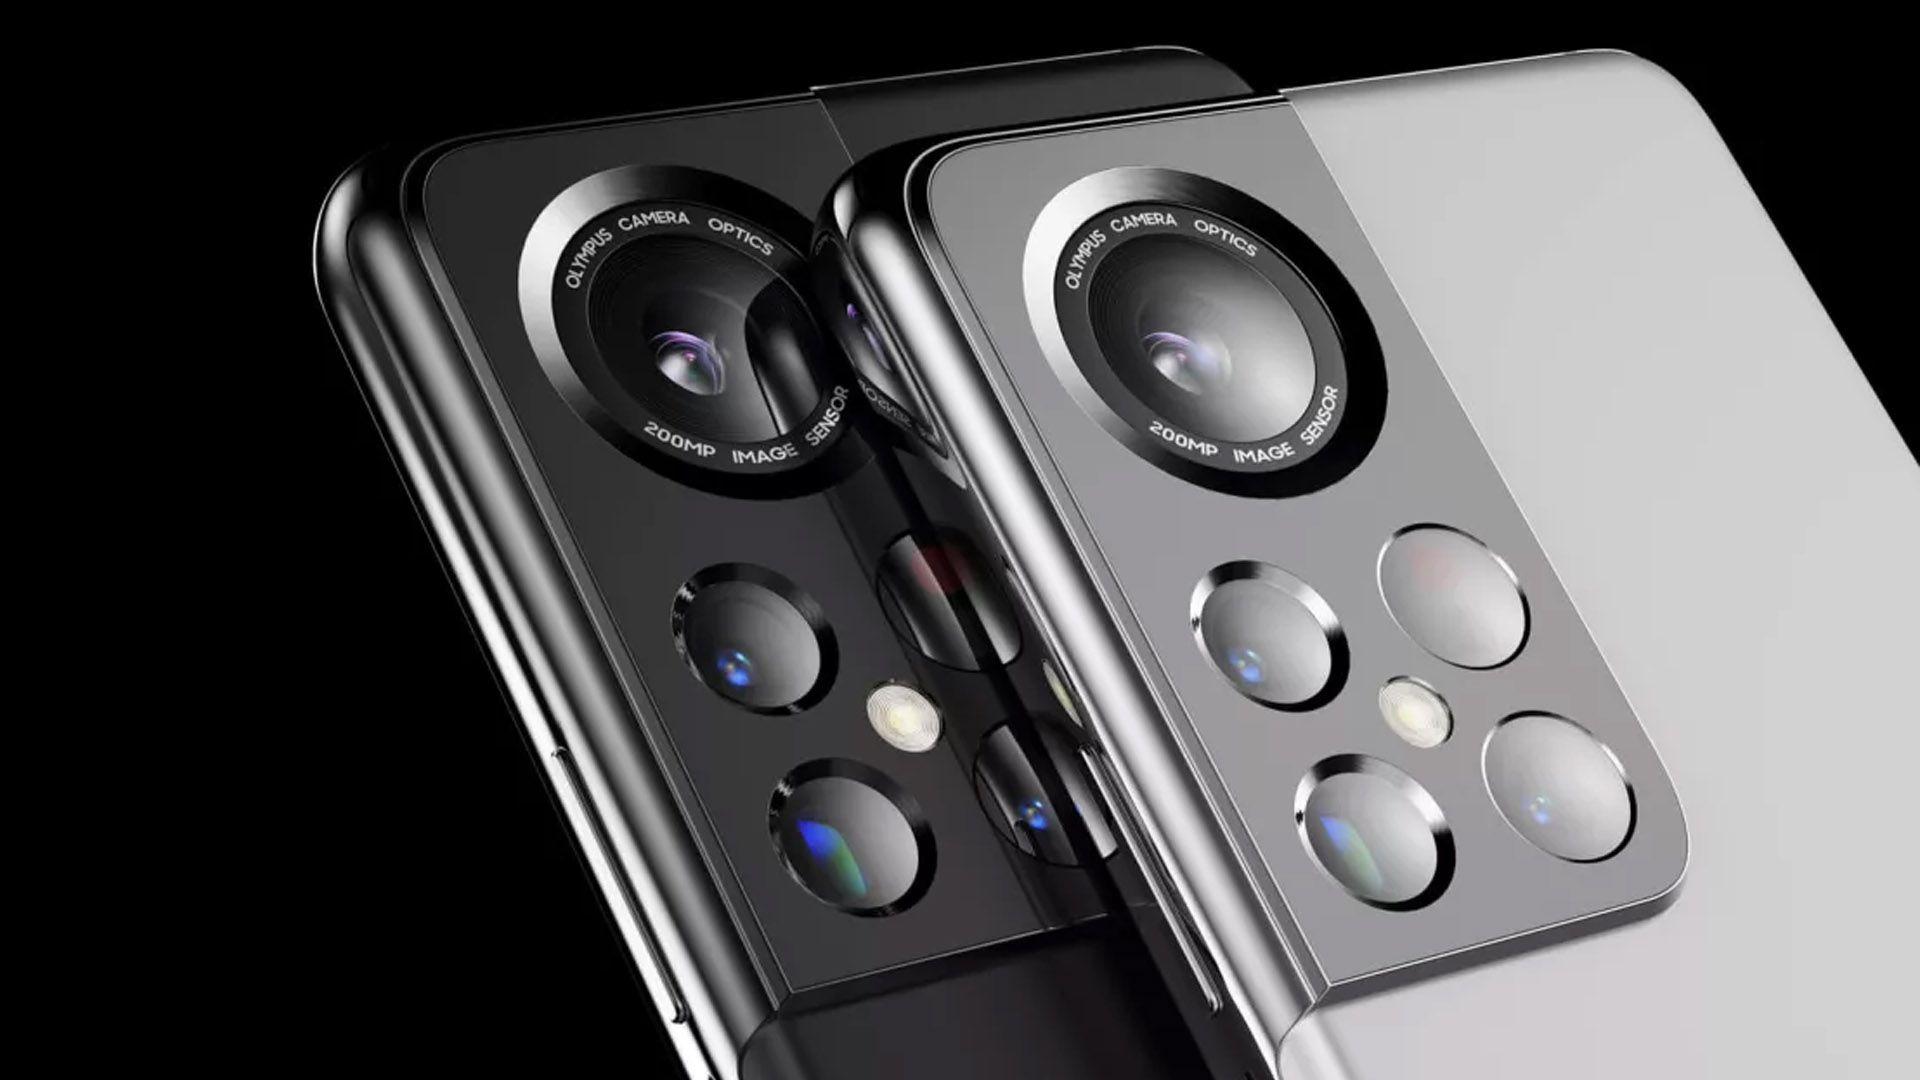 Parte traseira do Galaxy S22 com foco no conjunto de câmeras